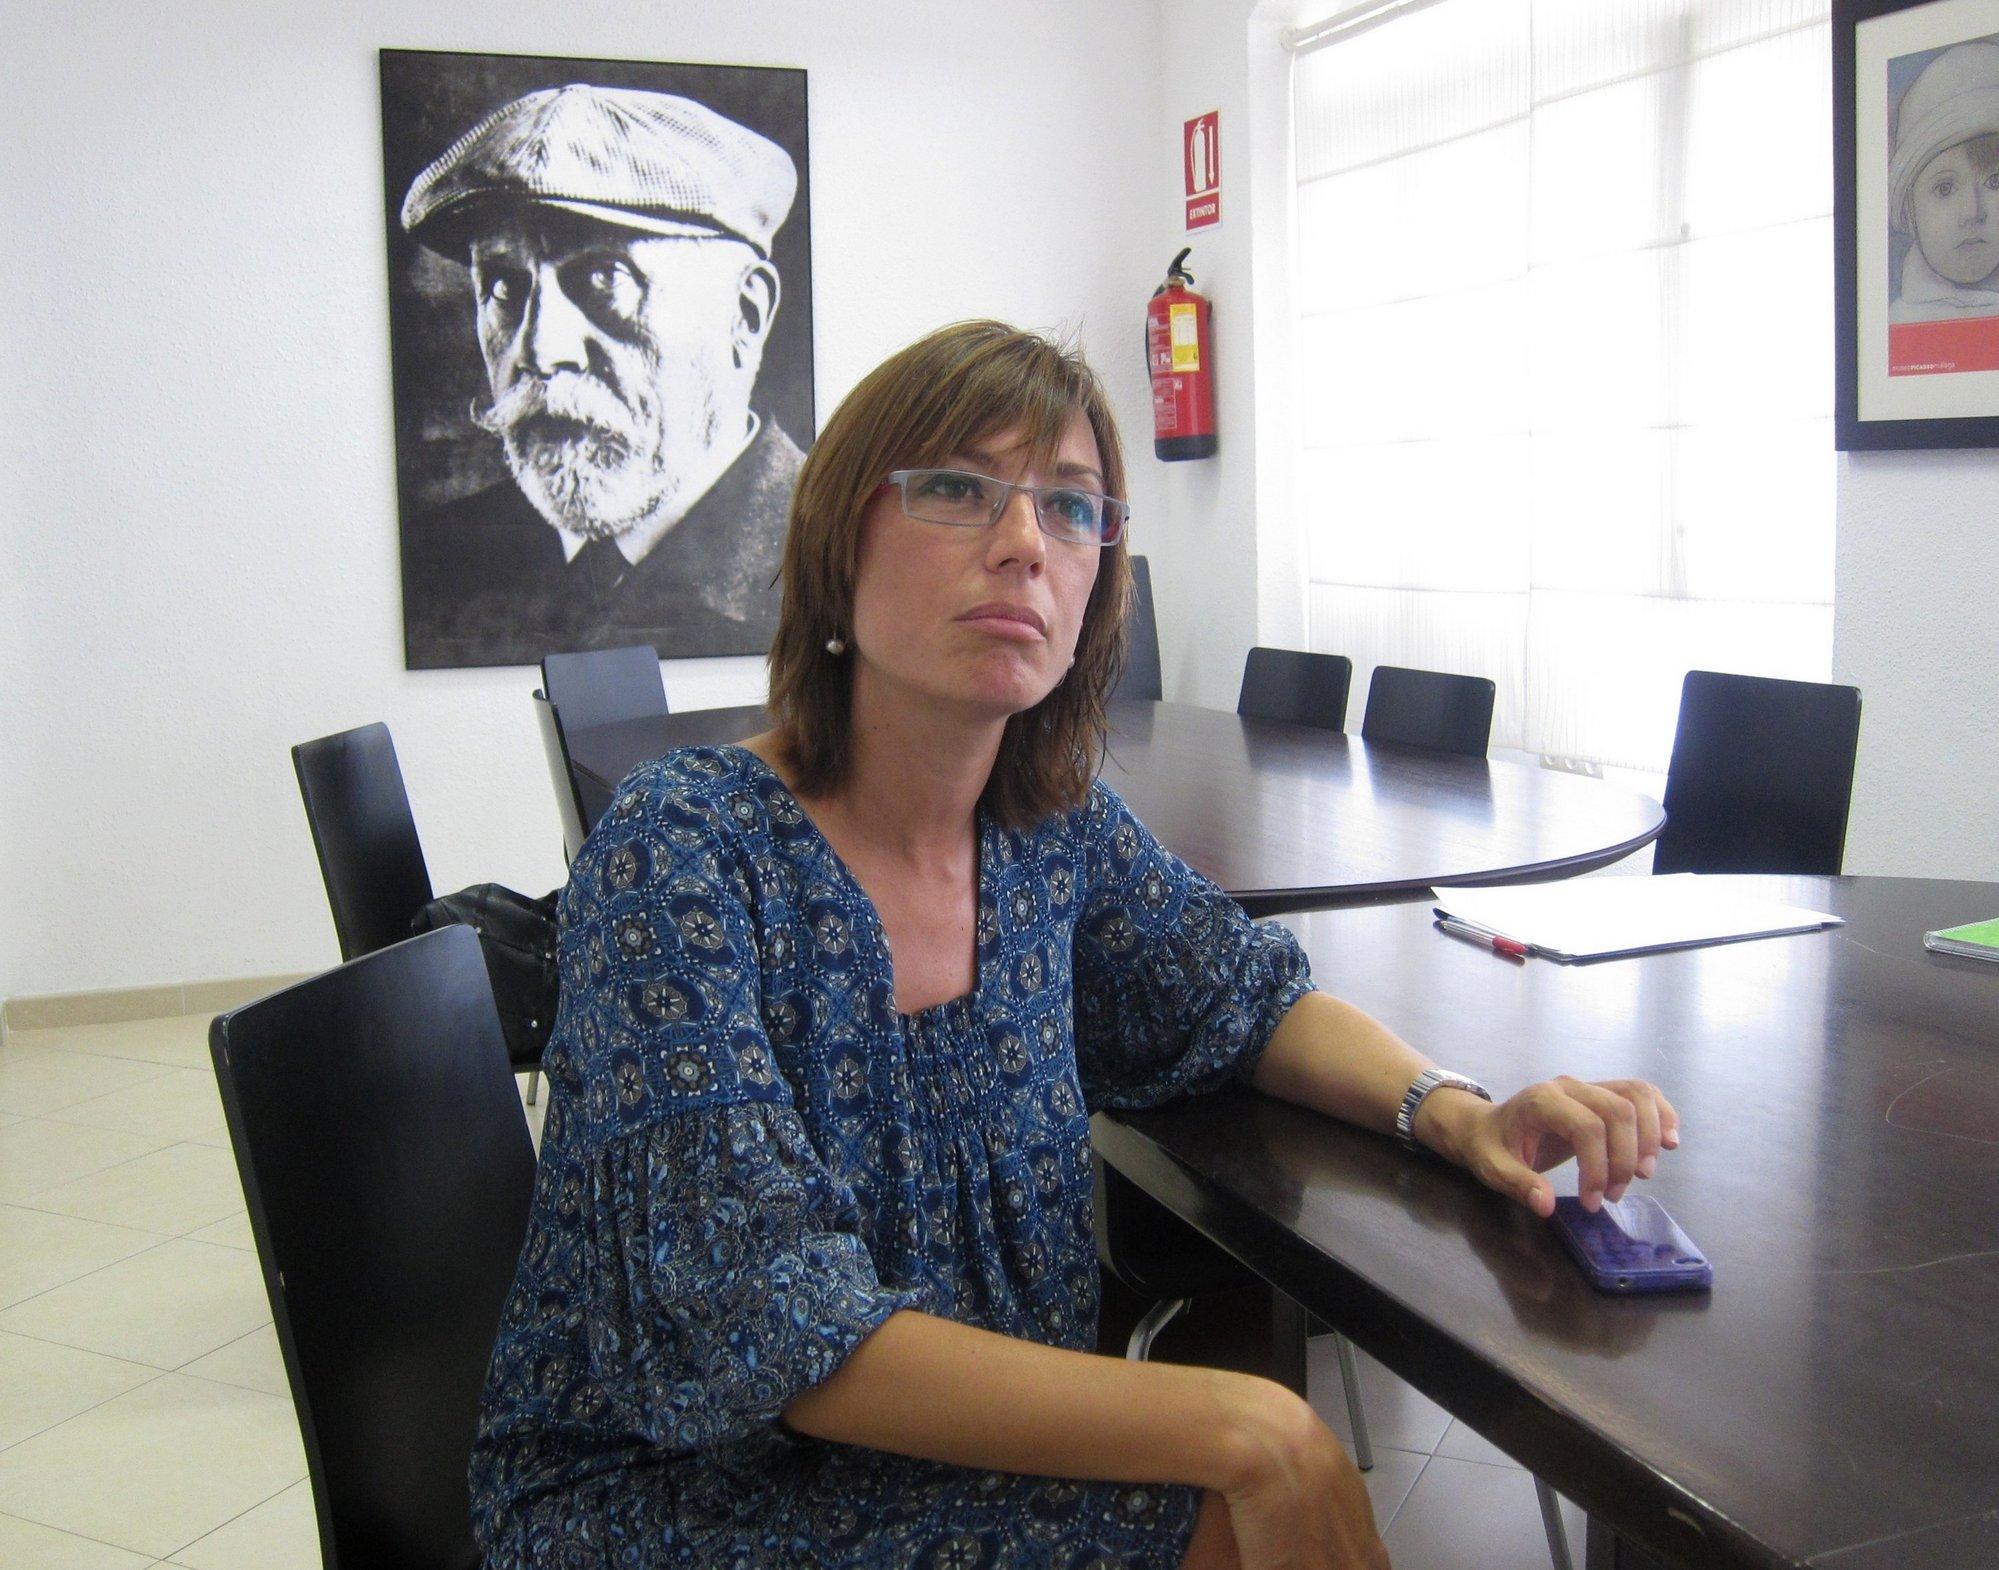 PSOE malagueño critica el pago «sin control» de facturas a empresas vinculadas a Art Natura, entre ellas una perfumería